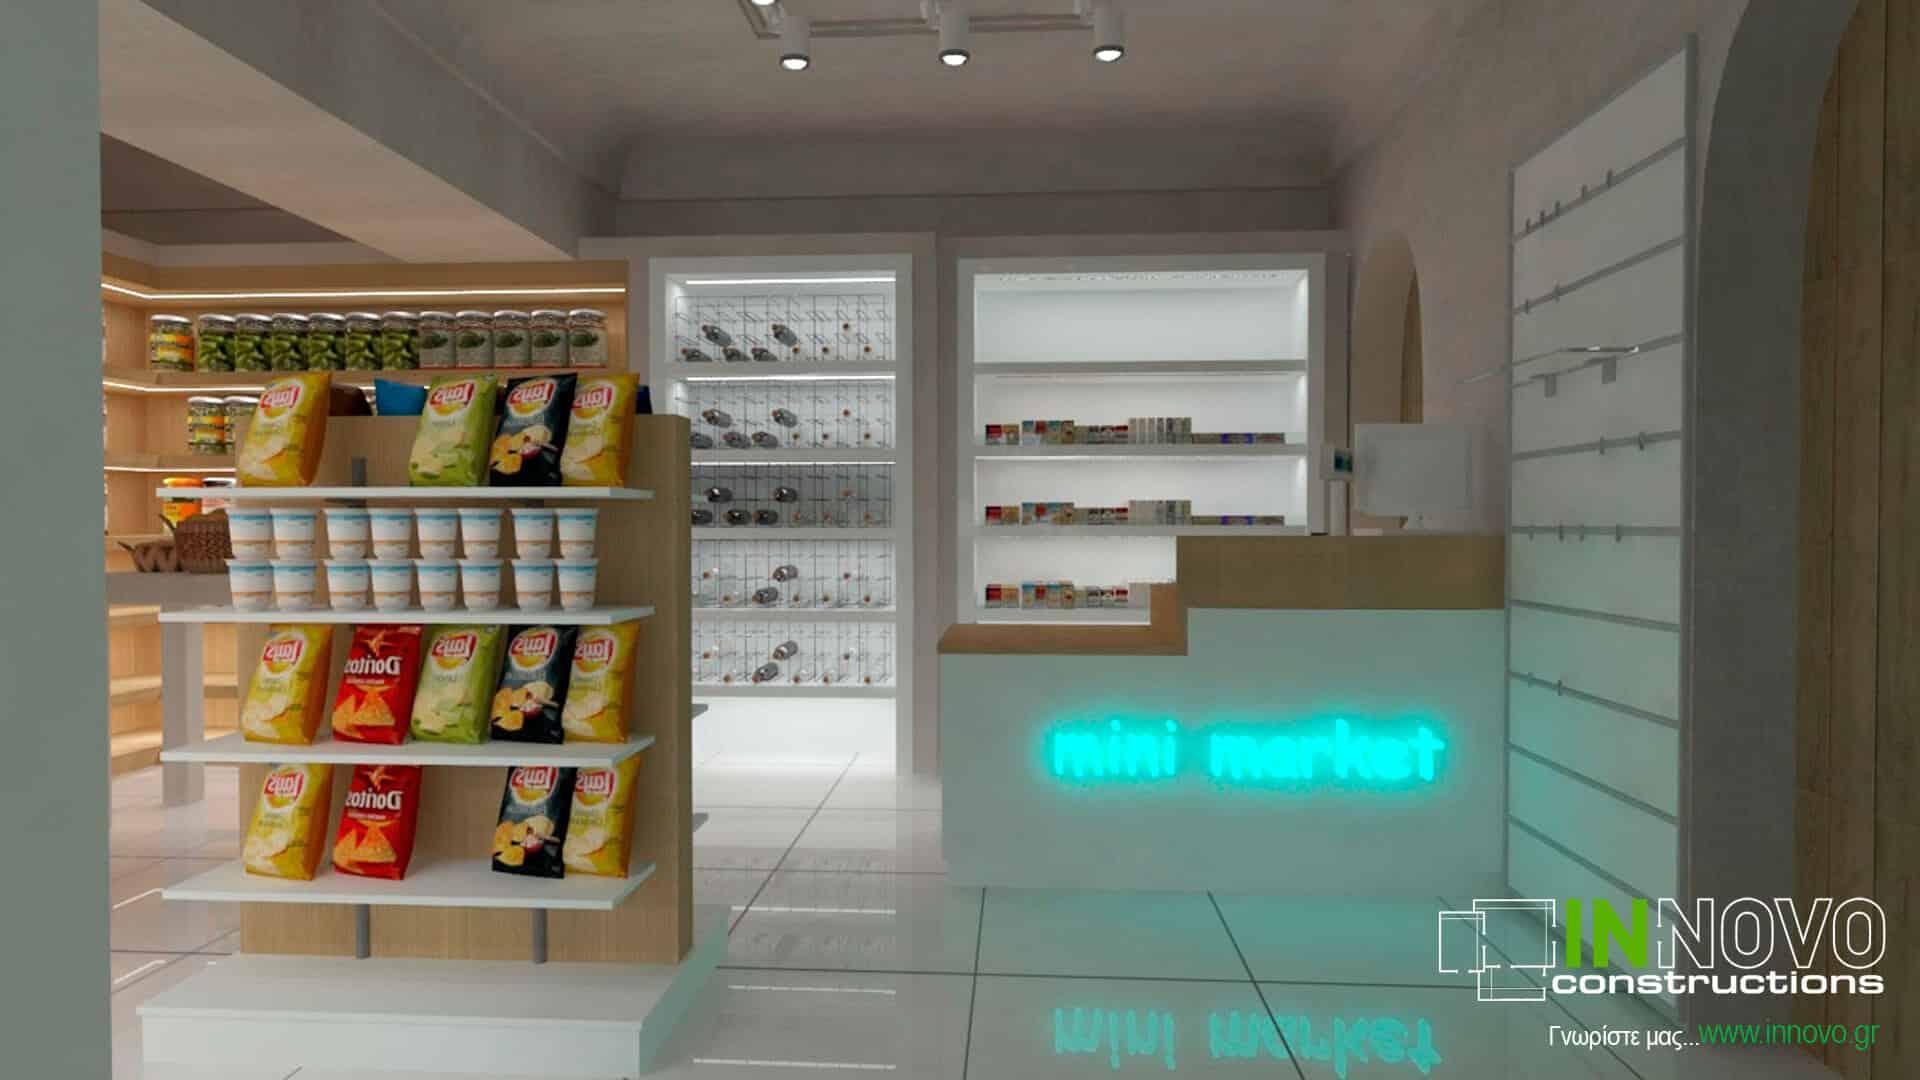 Ανακαίνιση σνακ – καφέ – μάρκετ στη Σαντορίνη